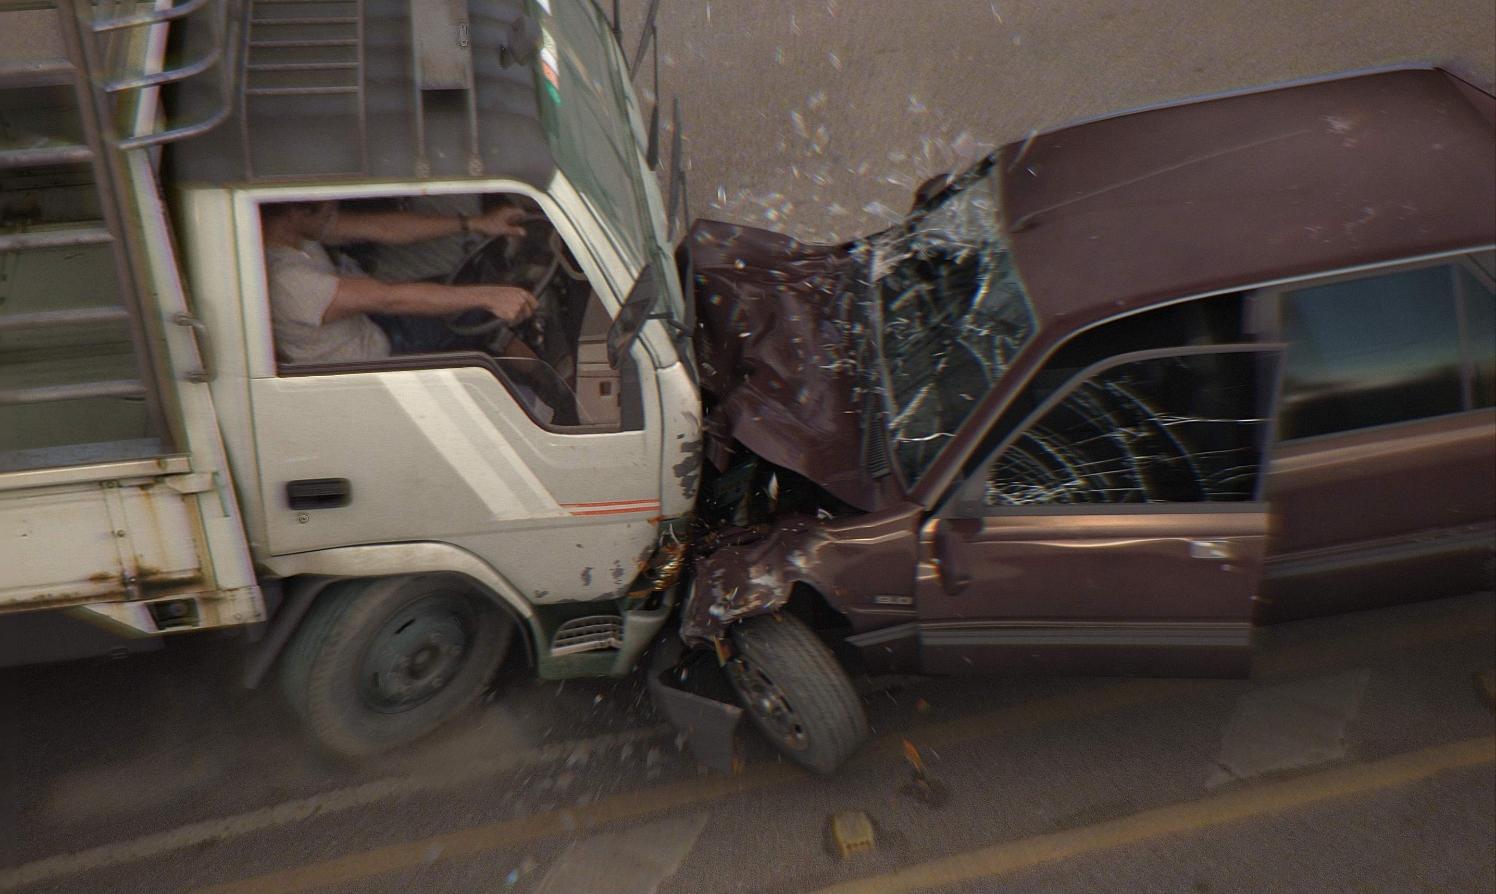 car-crash-3D-movies-tv-1023882.jpeg